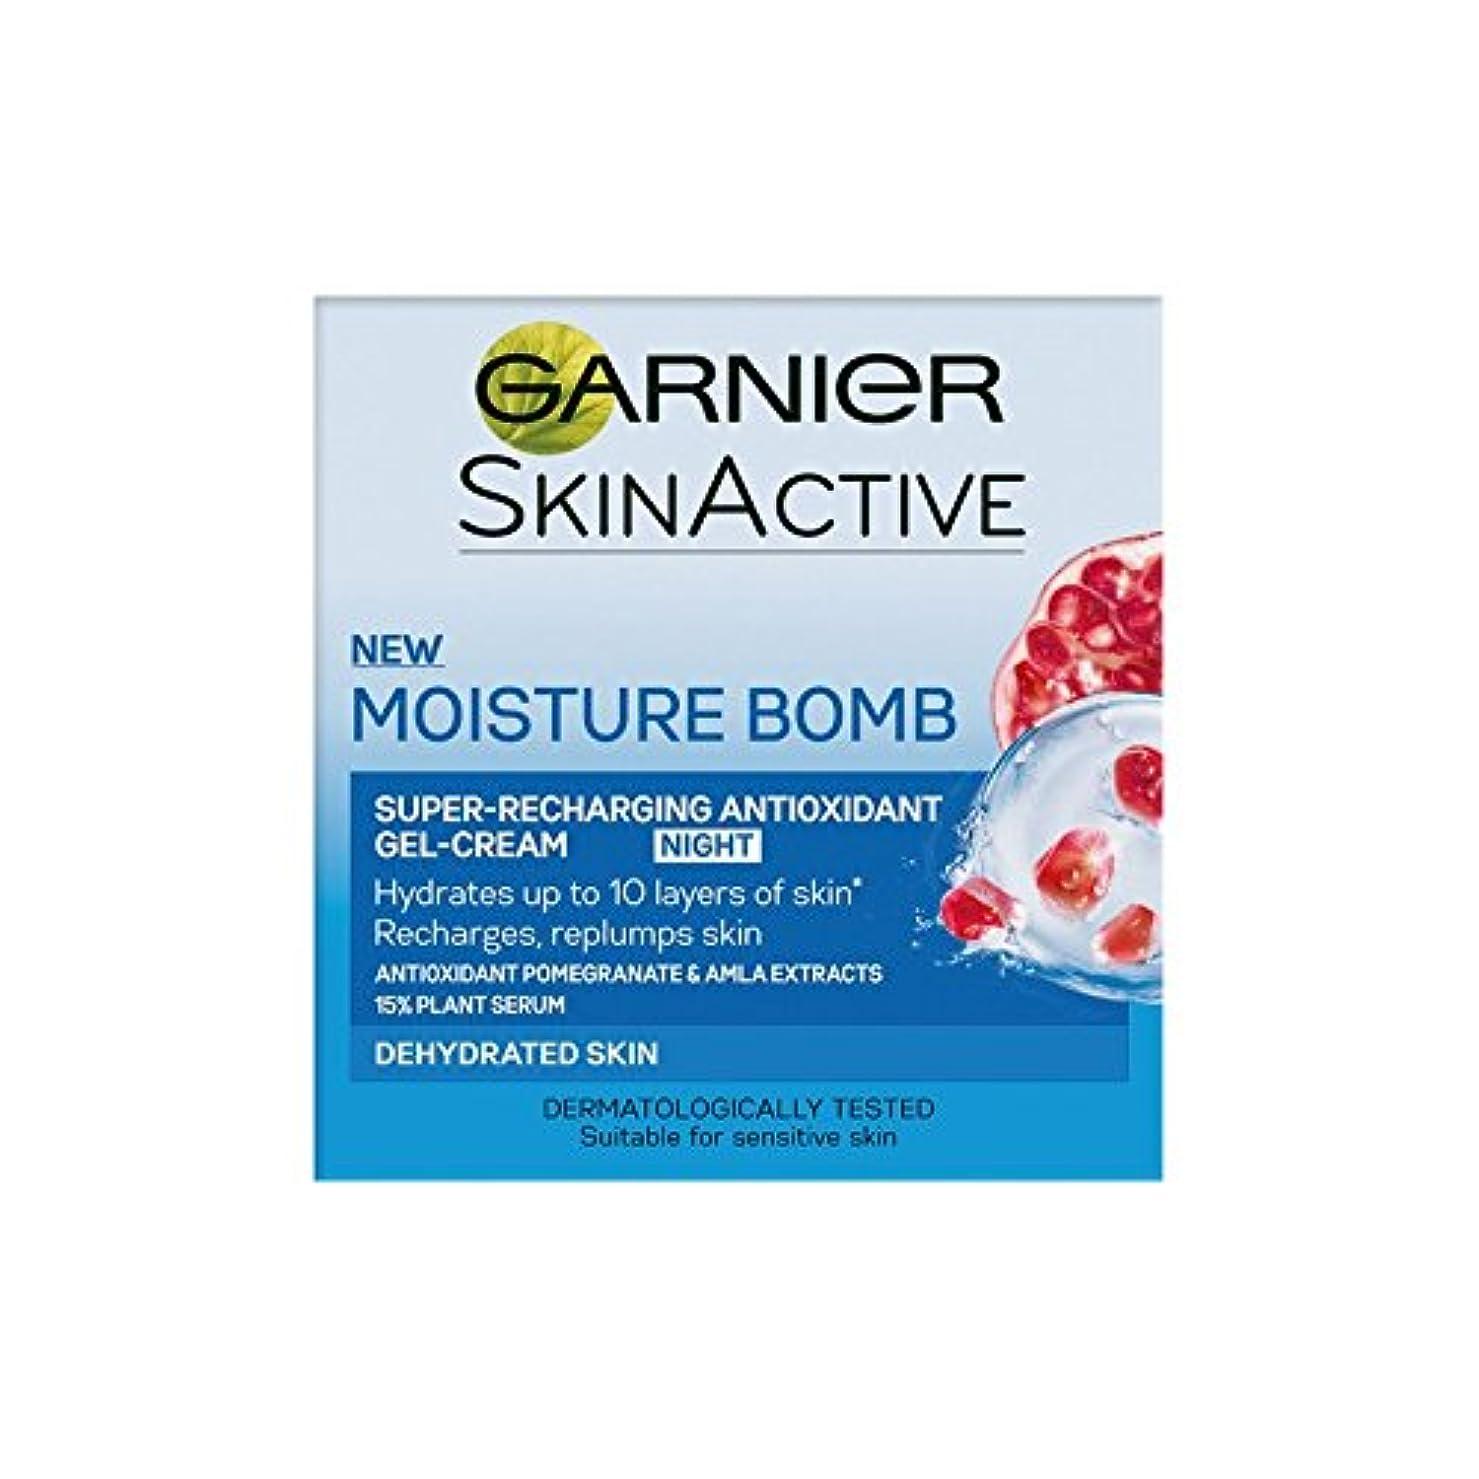 キリスト一族バターガルニエ水分爆弾超充電夜のゲルクリーム(50ミリリットル) x2 - Garnier Moisture Bomb Super-Recharging Night Gel-Cream (50ml) (Pack of 2) [...